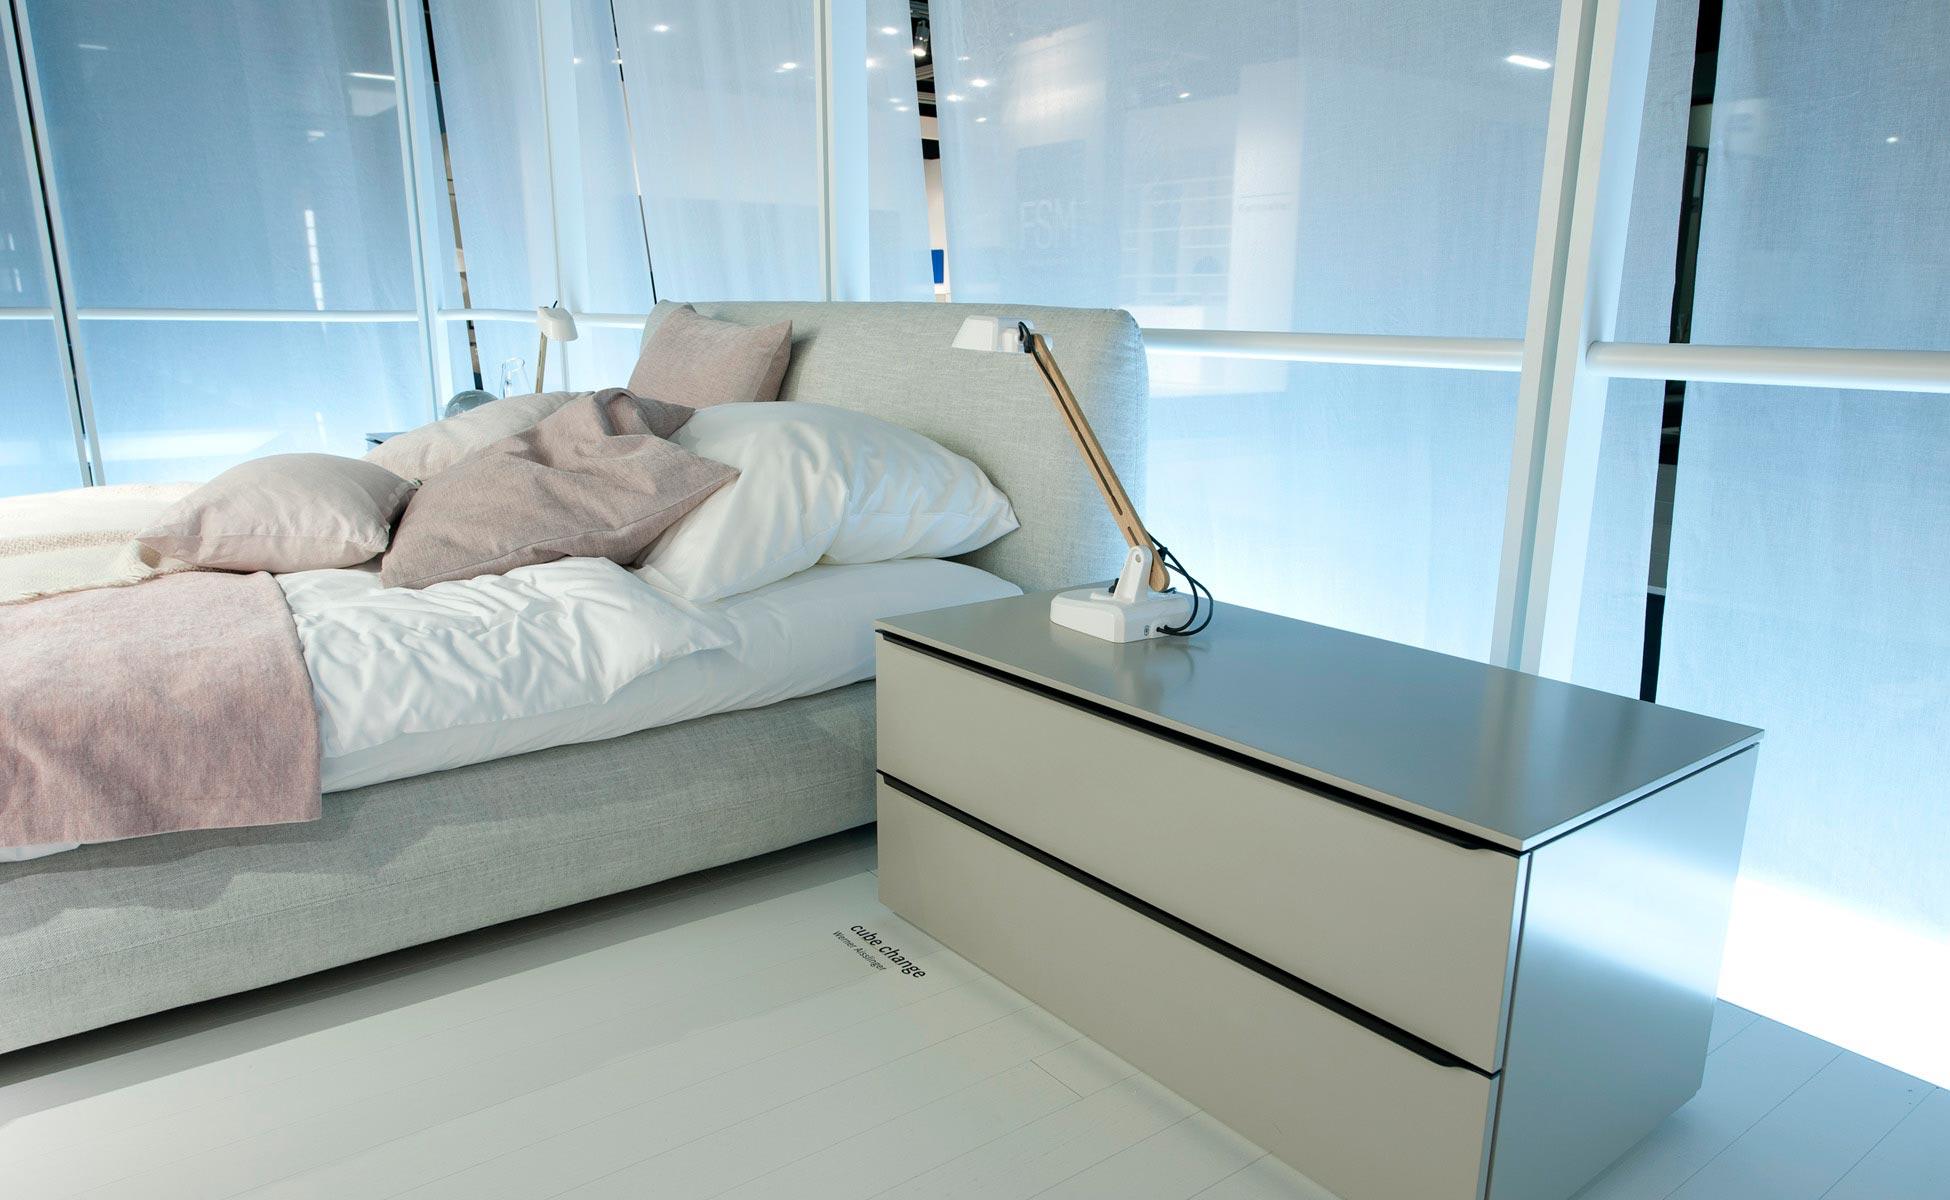 interl bke jalis steidten einrichten mit architekturintelligenz. Black Bedroom Furniture Sets. Home Design Ideas